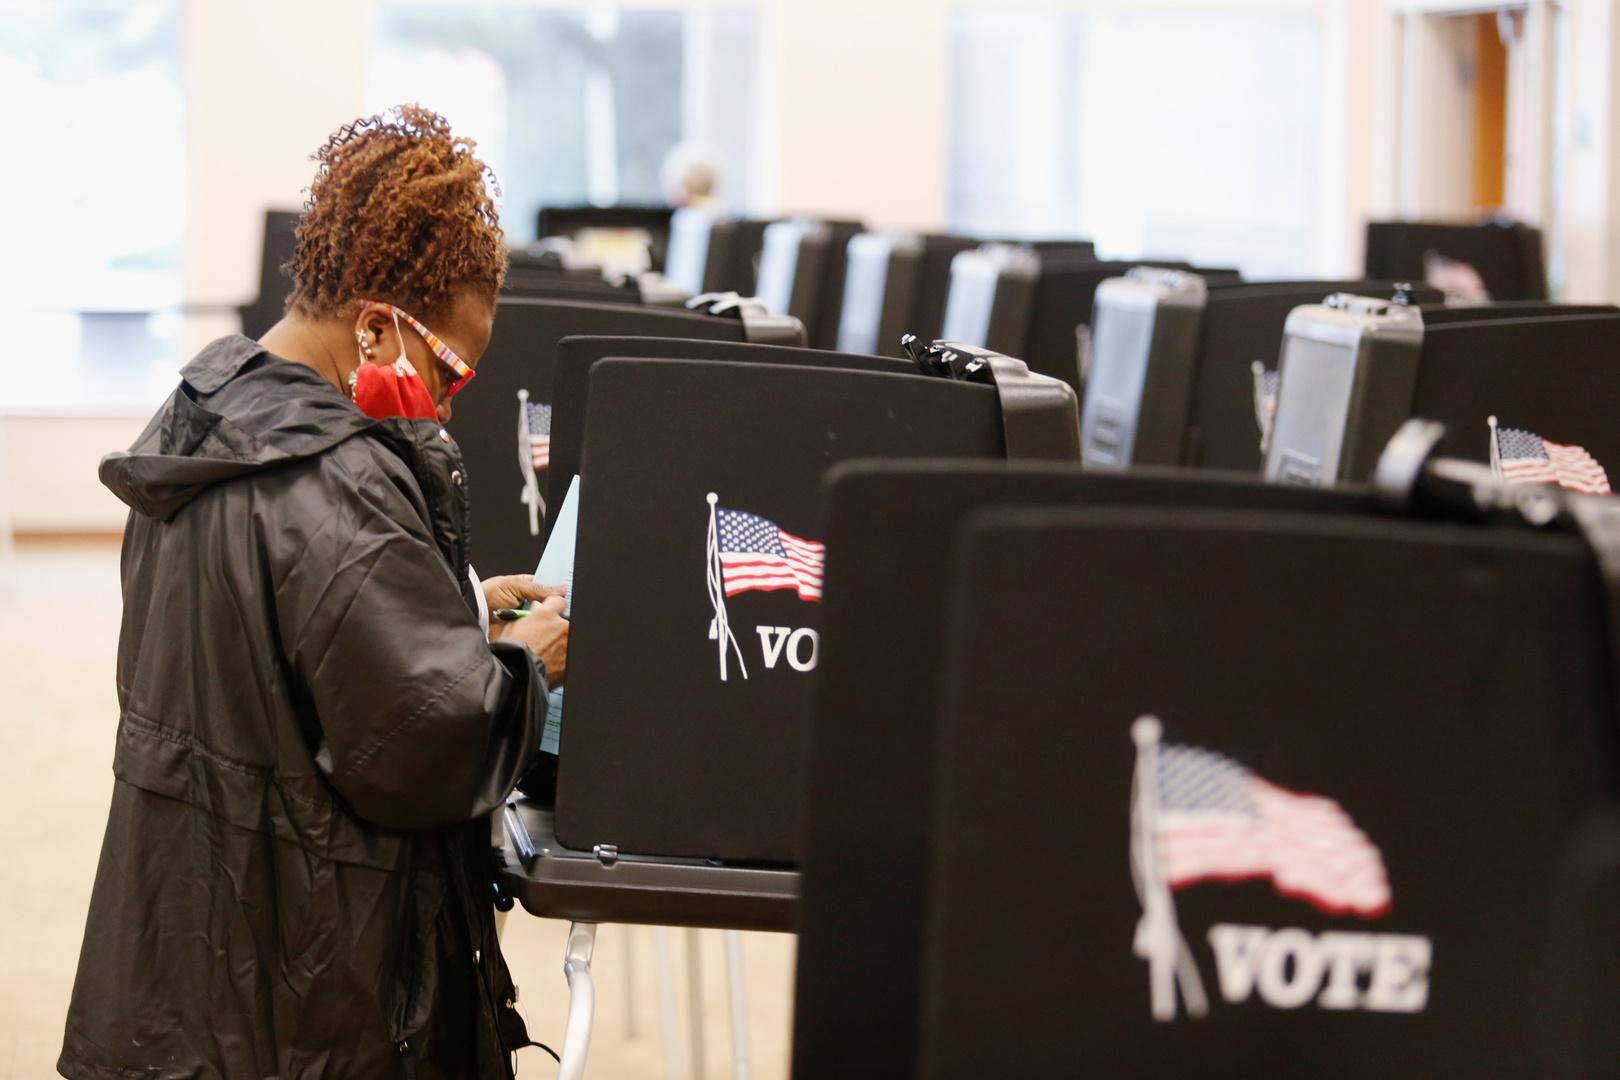 استطلاع: لا ثقة لغالبية الأمريكيين بنزاهة الانتخابات الرئاسية المقبلة